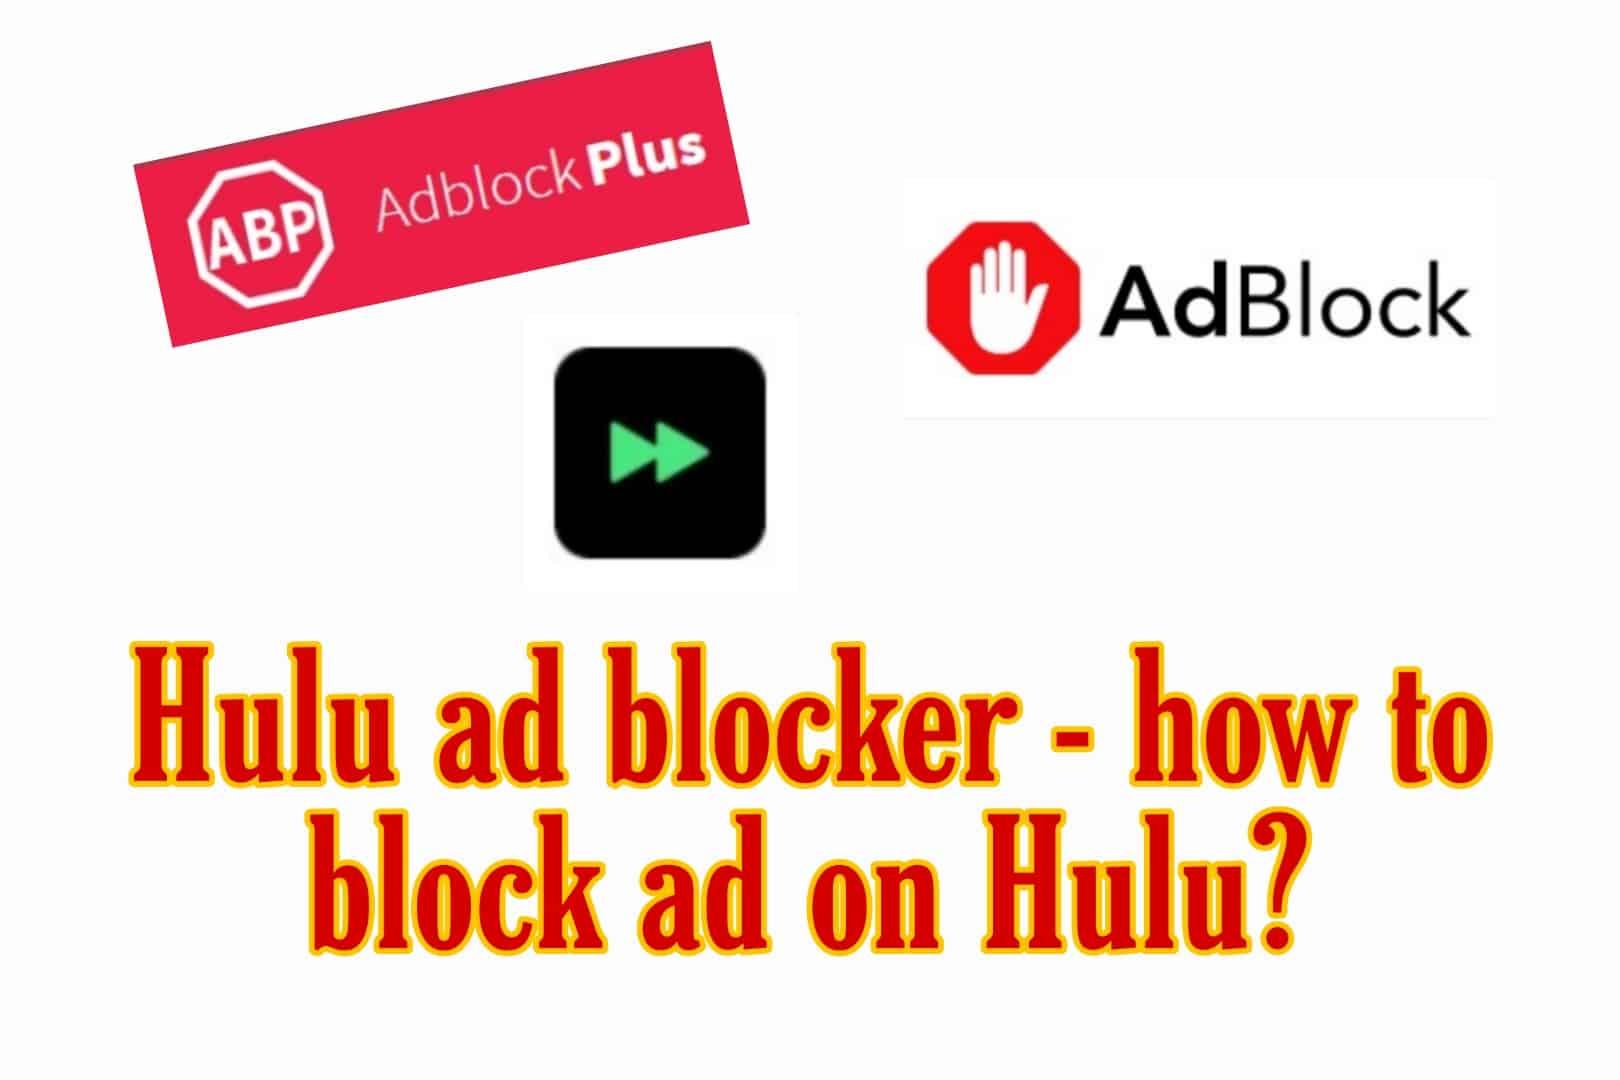 Hulu ad blocker - how to block ads on Hulu?